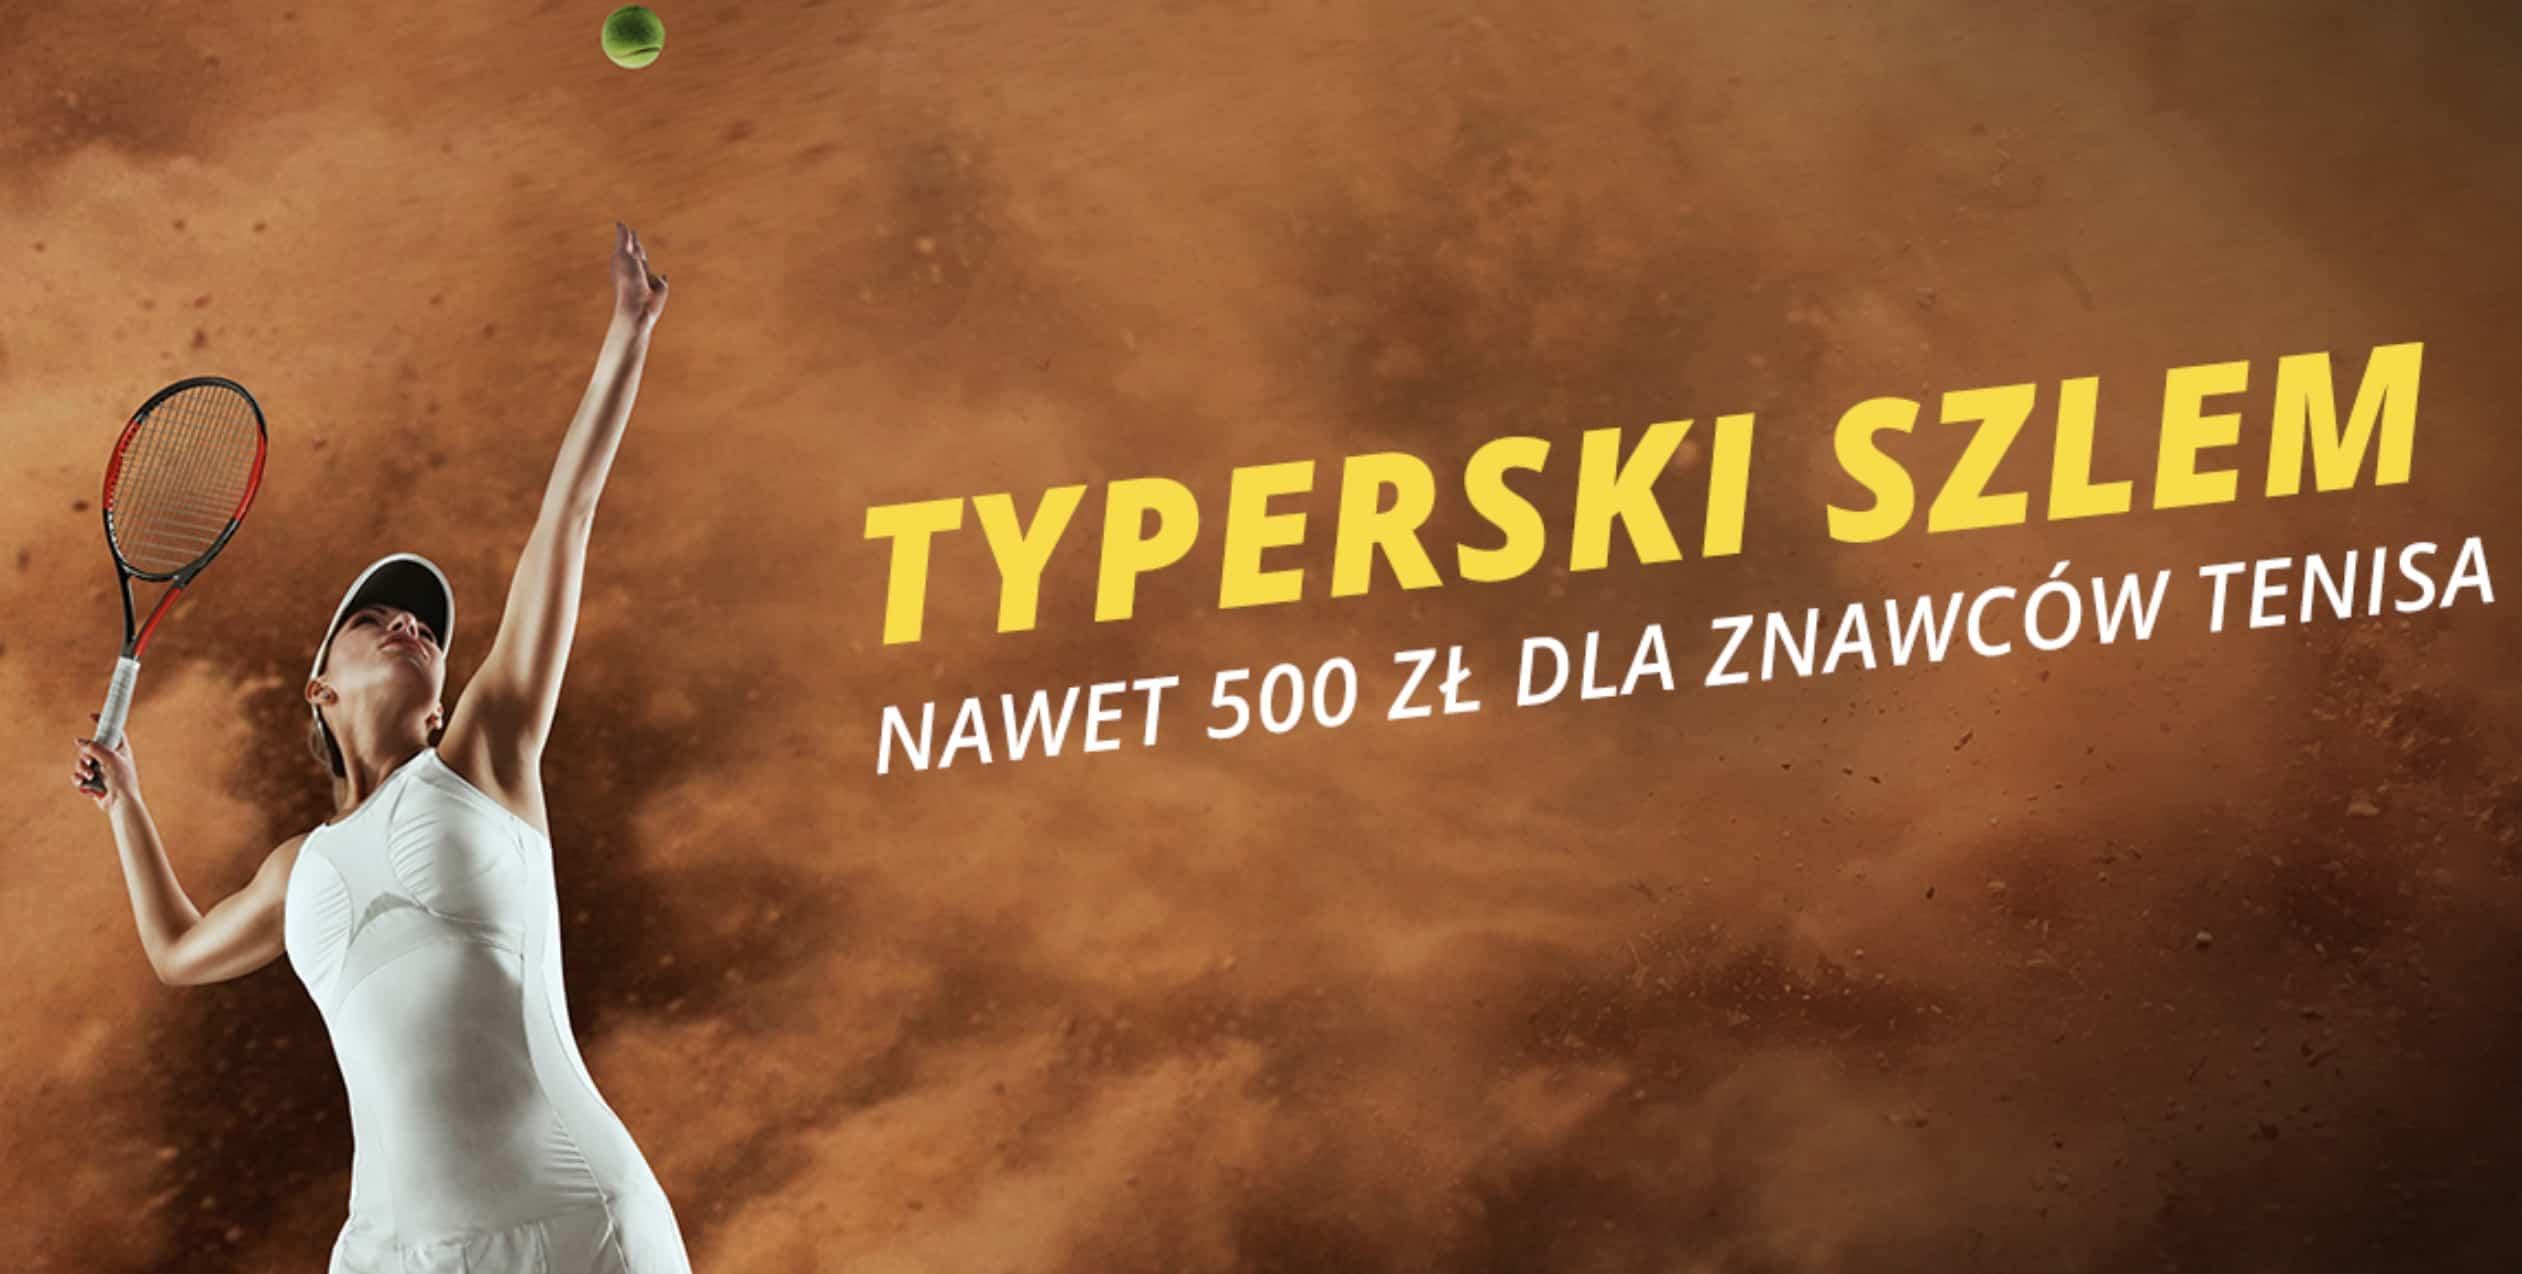 Photo of Typerski Szlem. Fortuna płaci 500 PLN znawcom tenisa!